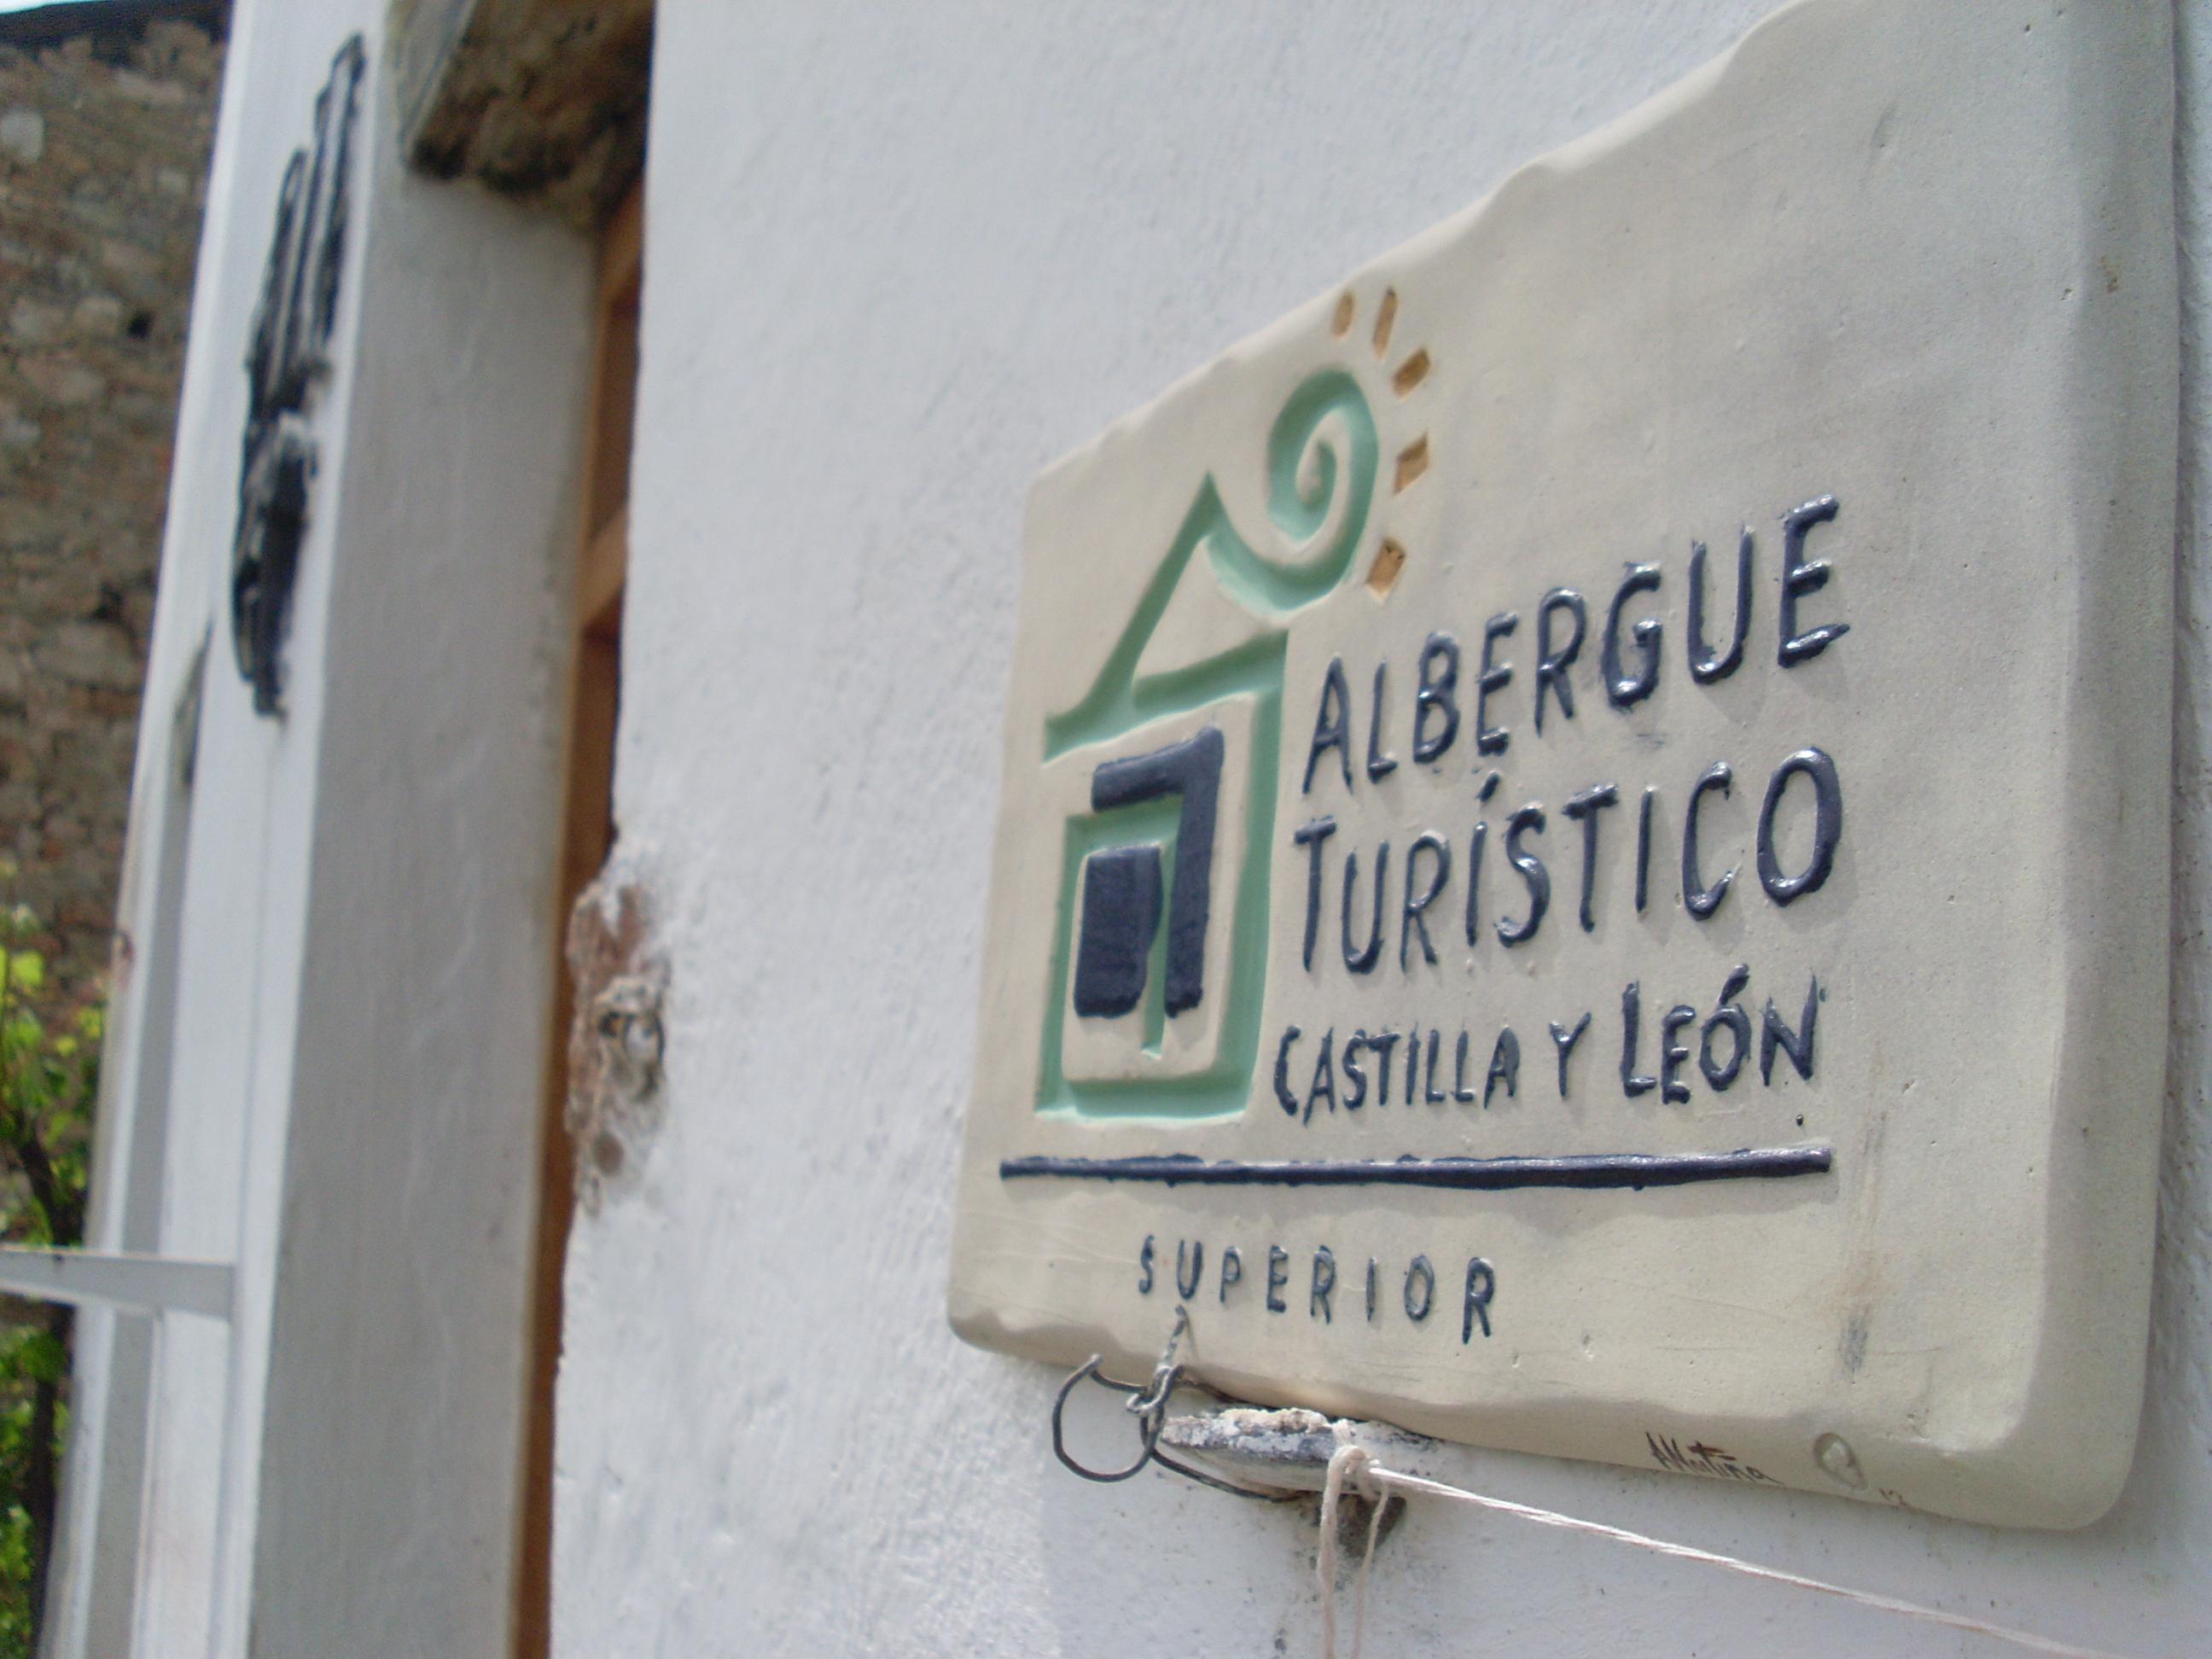 Albergue Turístico de Castilla y León.